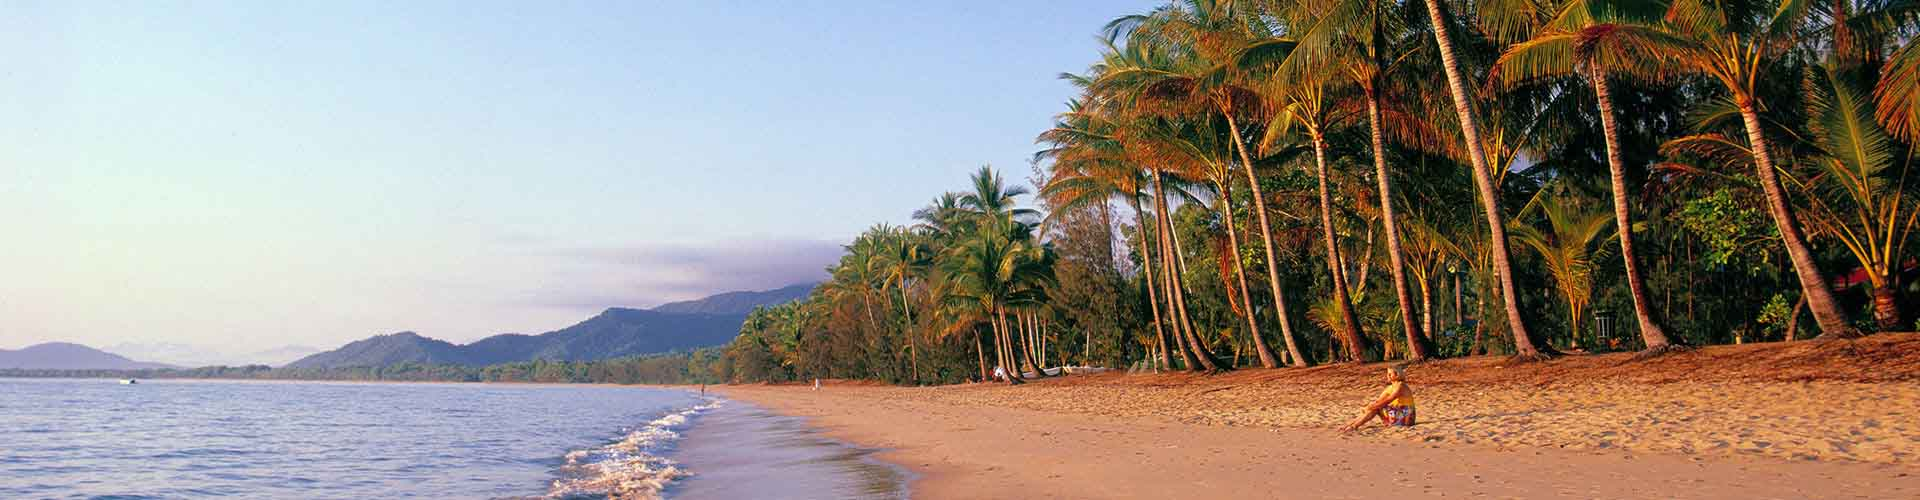 Cairns - Hostele w mieście: Cairns, Mapy: Cairns, Zdjęcia i Recenzje dla każdego hostelu w mieście Cairns.